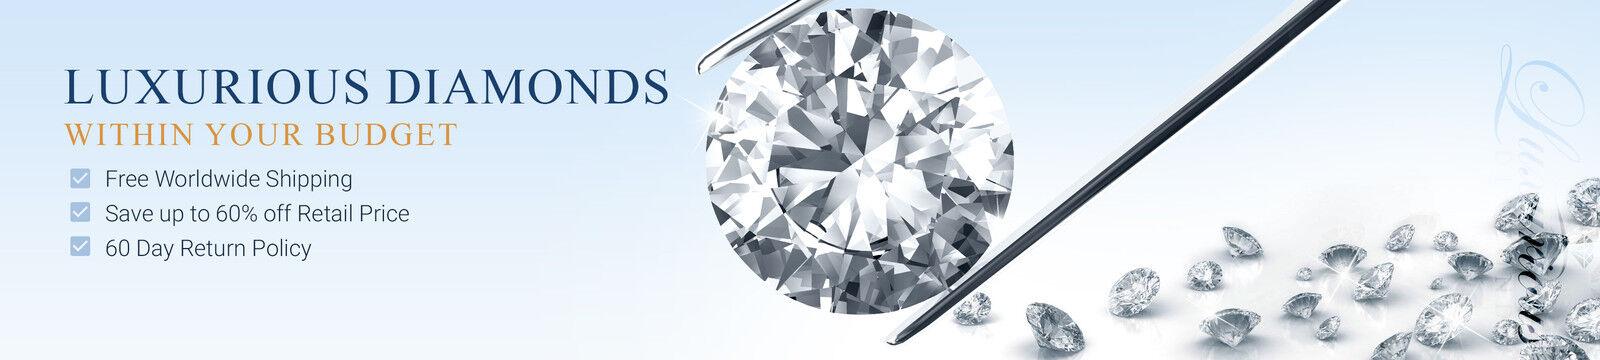 Luxurious Diamonds